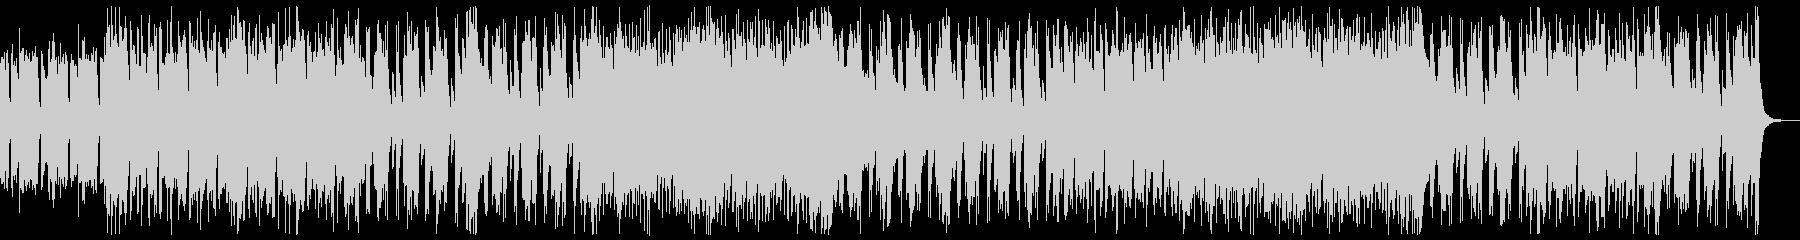 和楽器・和風・サムライヒーロー:三味線抜の未再生の波形